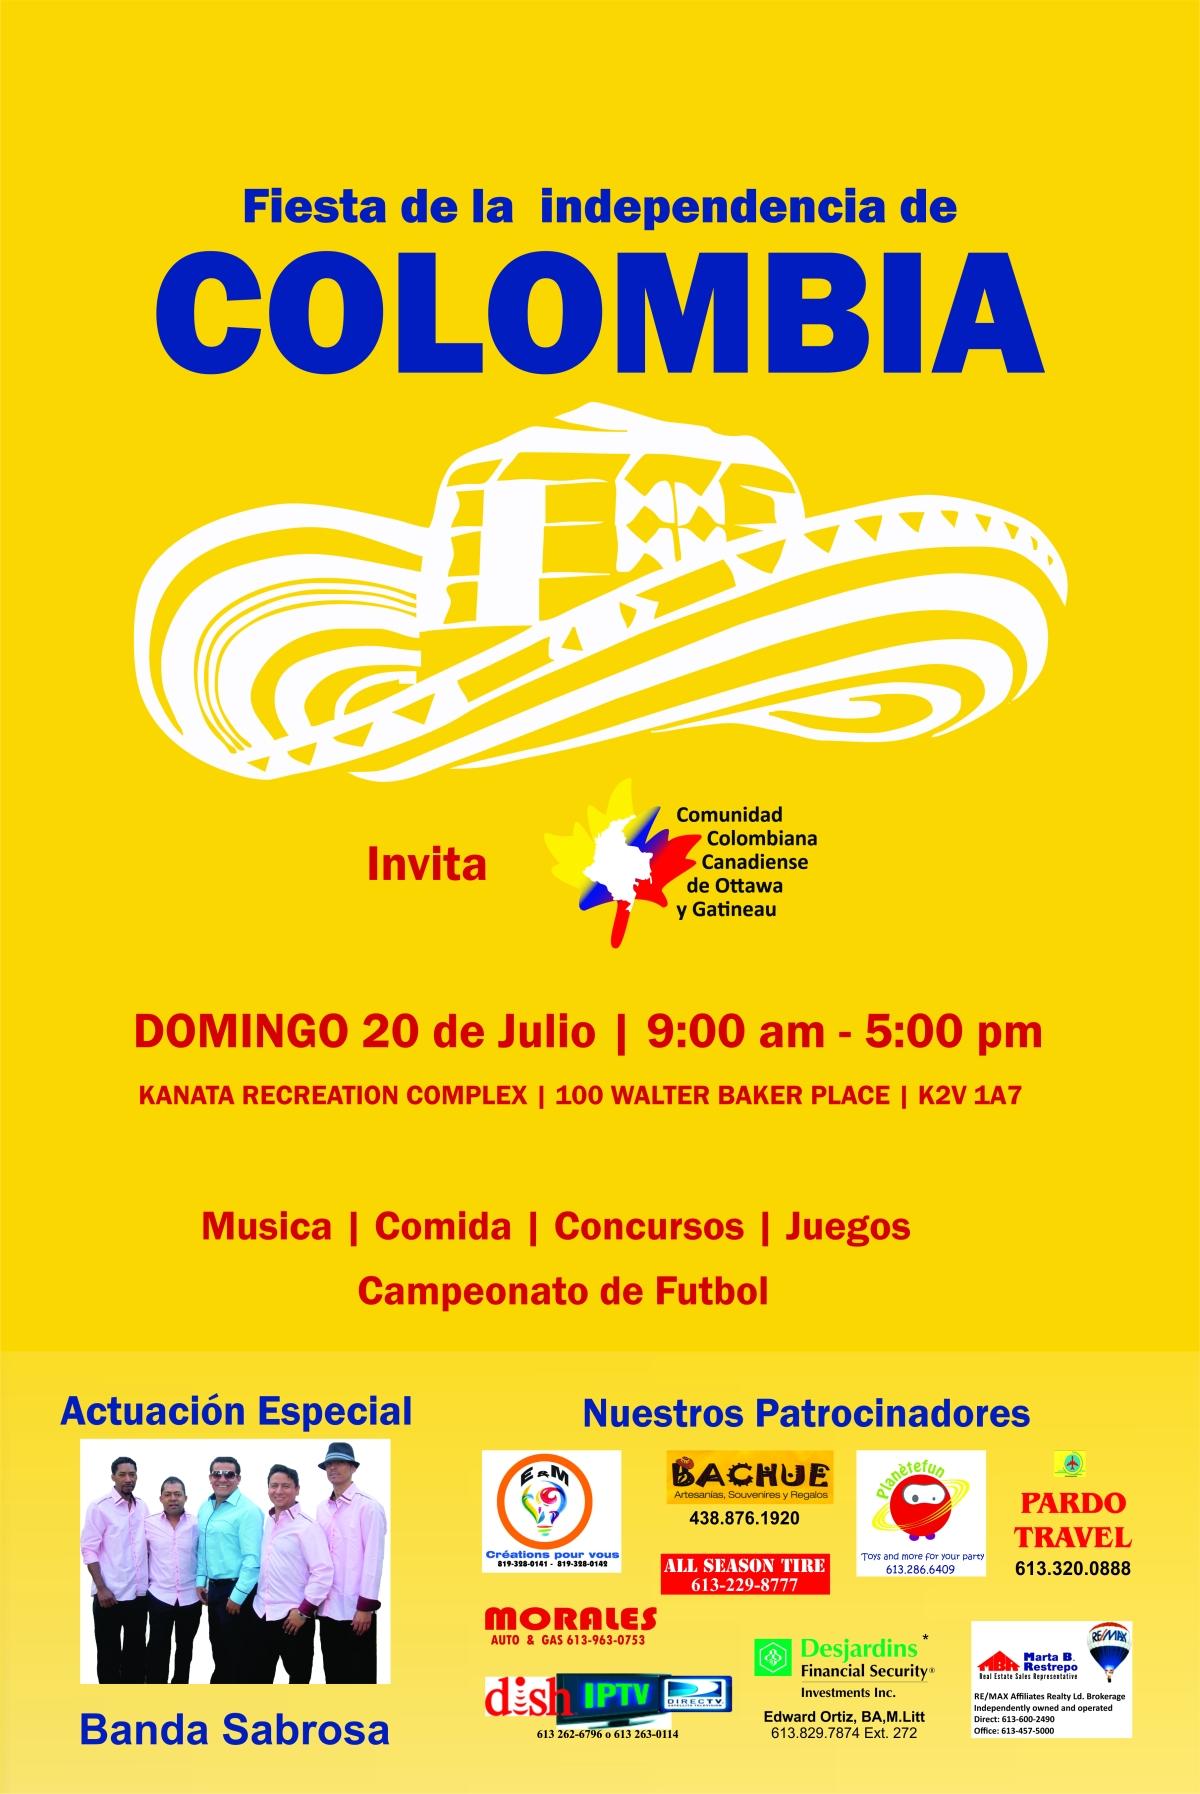 Afiche Fiesta de Independencia de Colombia 2014 para Asociación Colombiana de Ottawa yGatineau